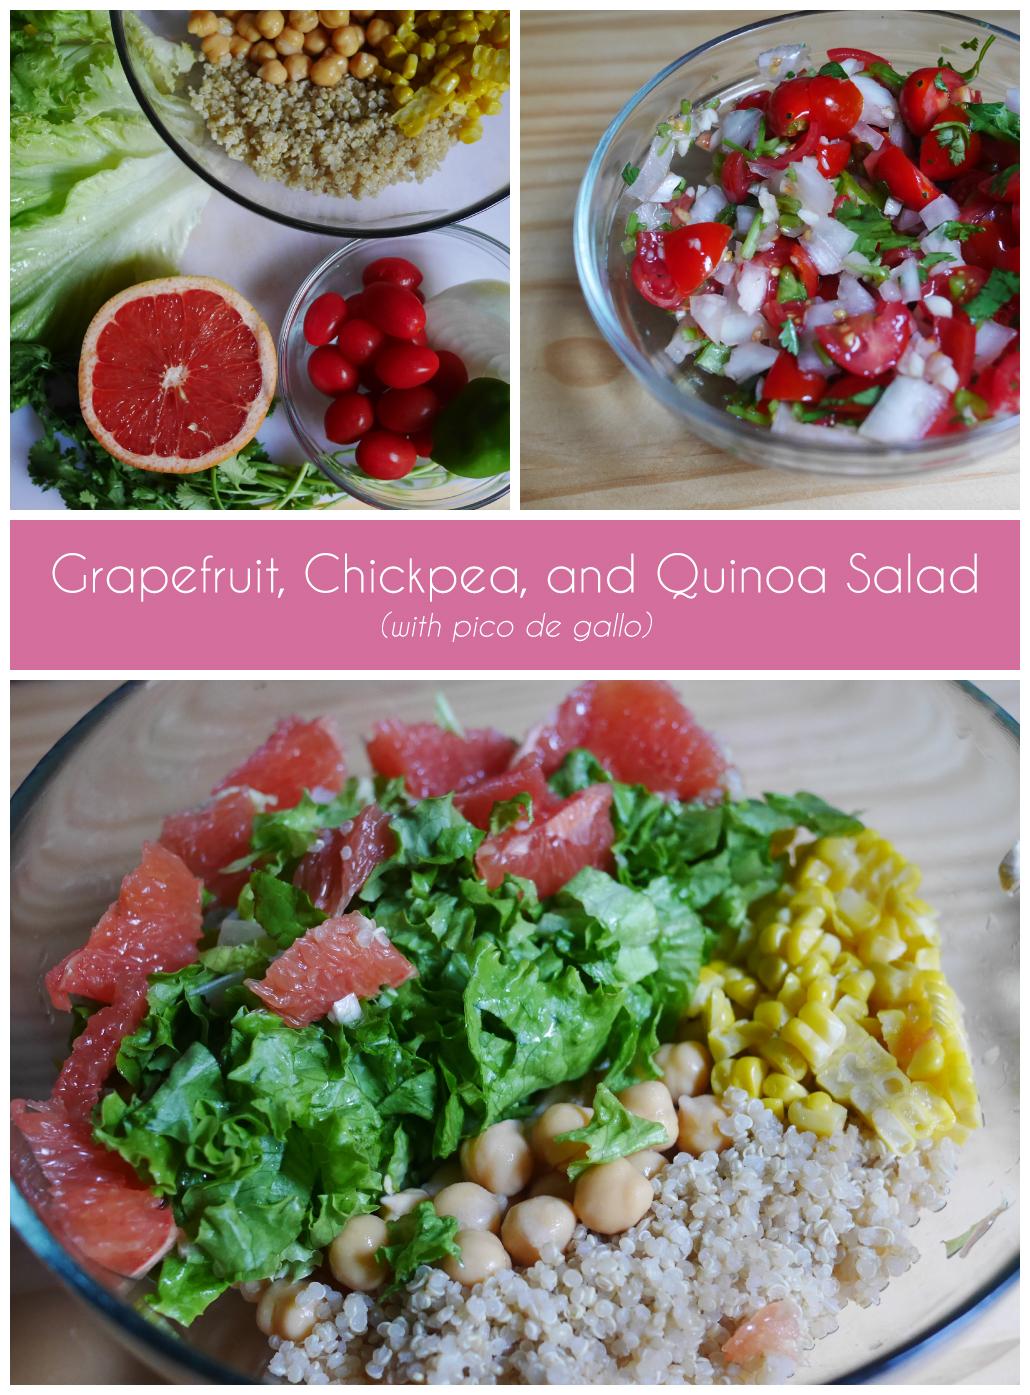 Grapefruit Chickpea Quinoa Salad